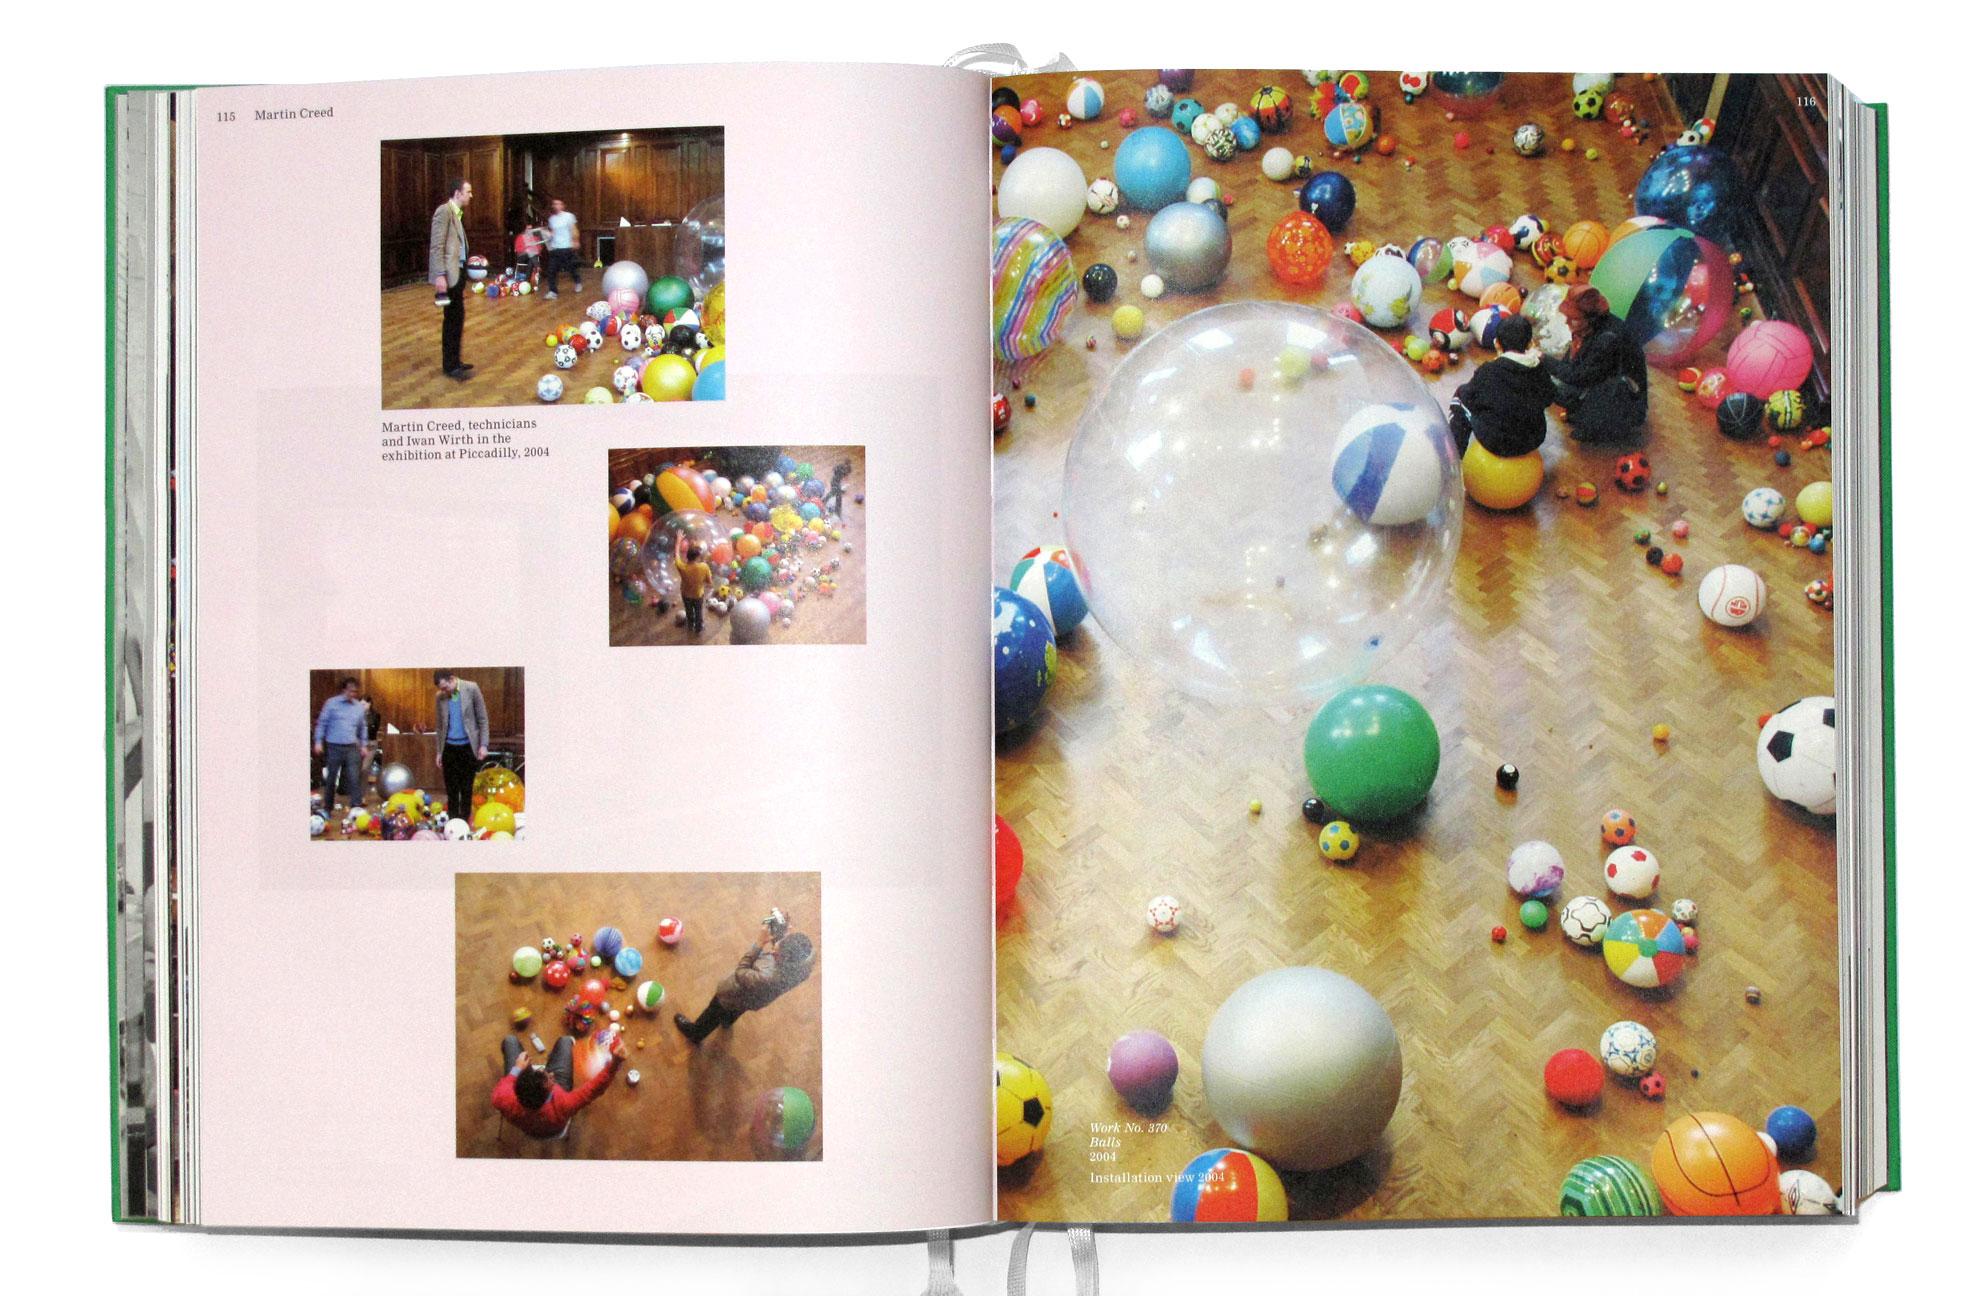 gallery (24)_1.jpg